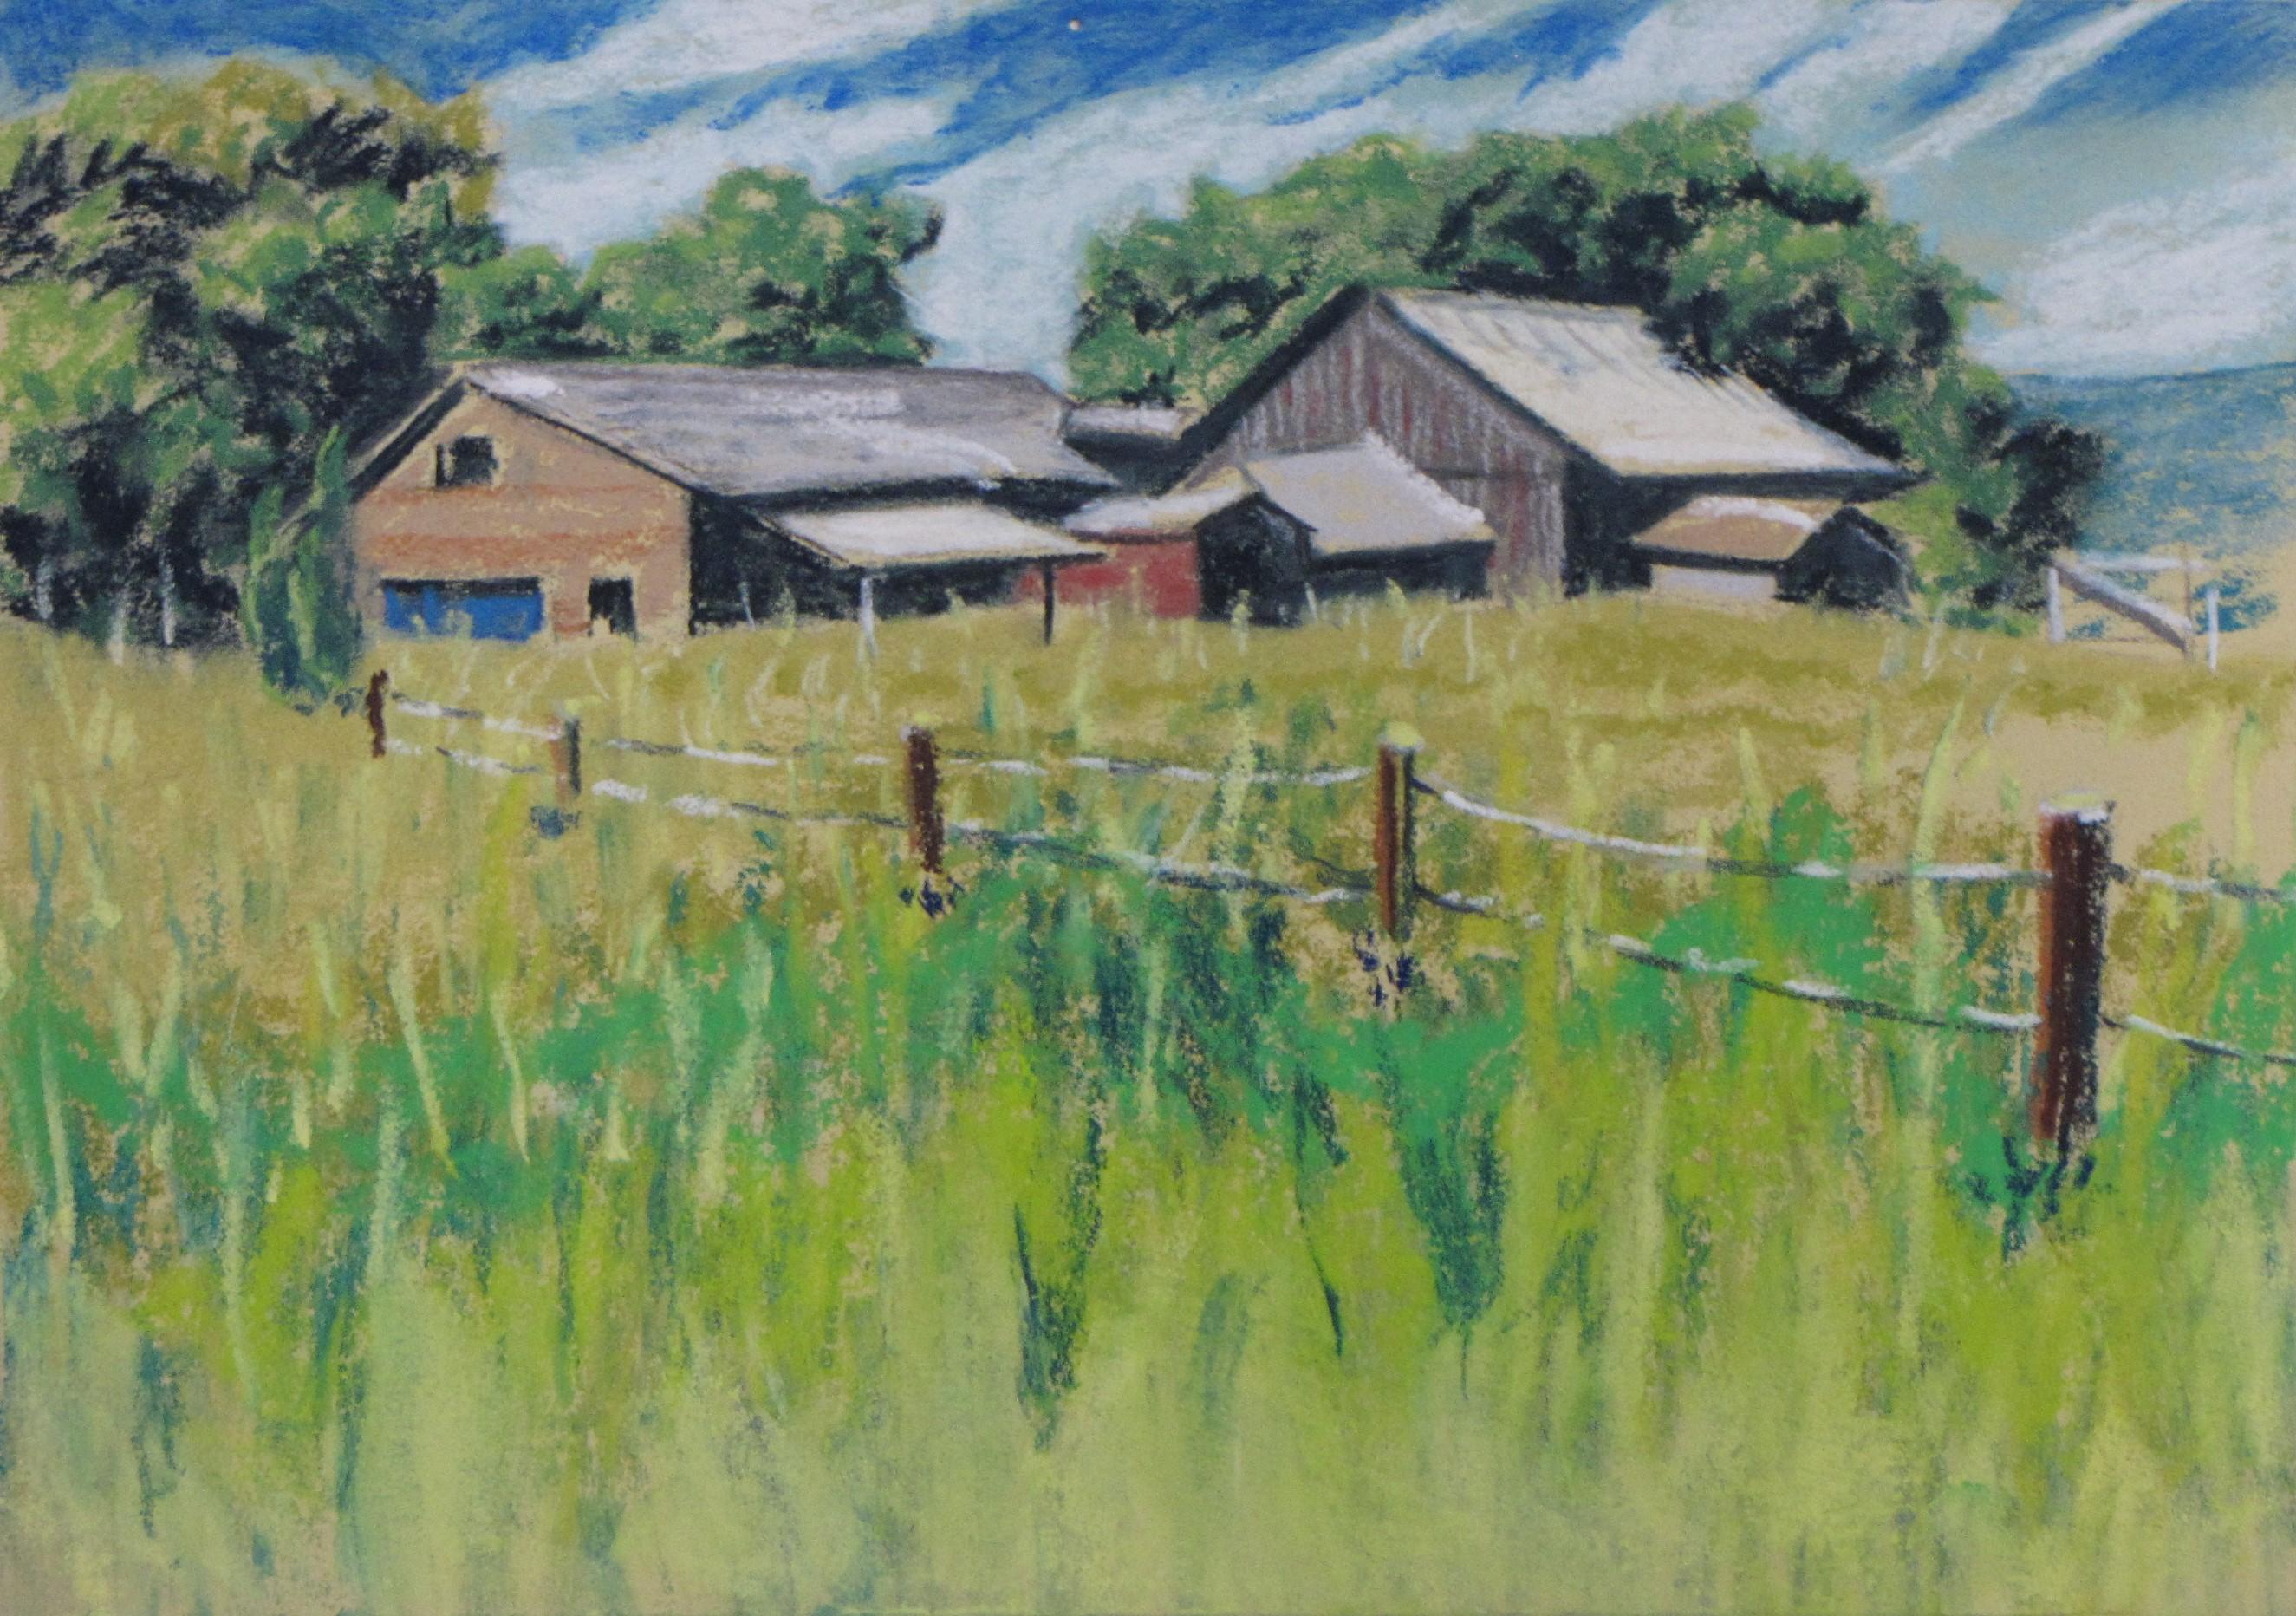 Farm with Blue Door